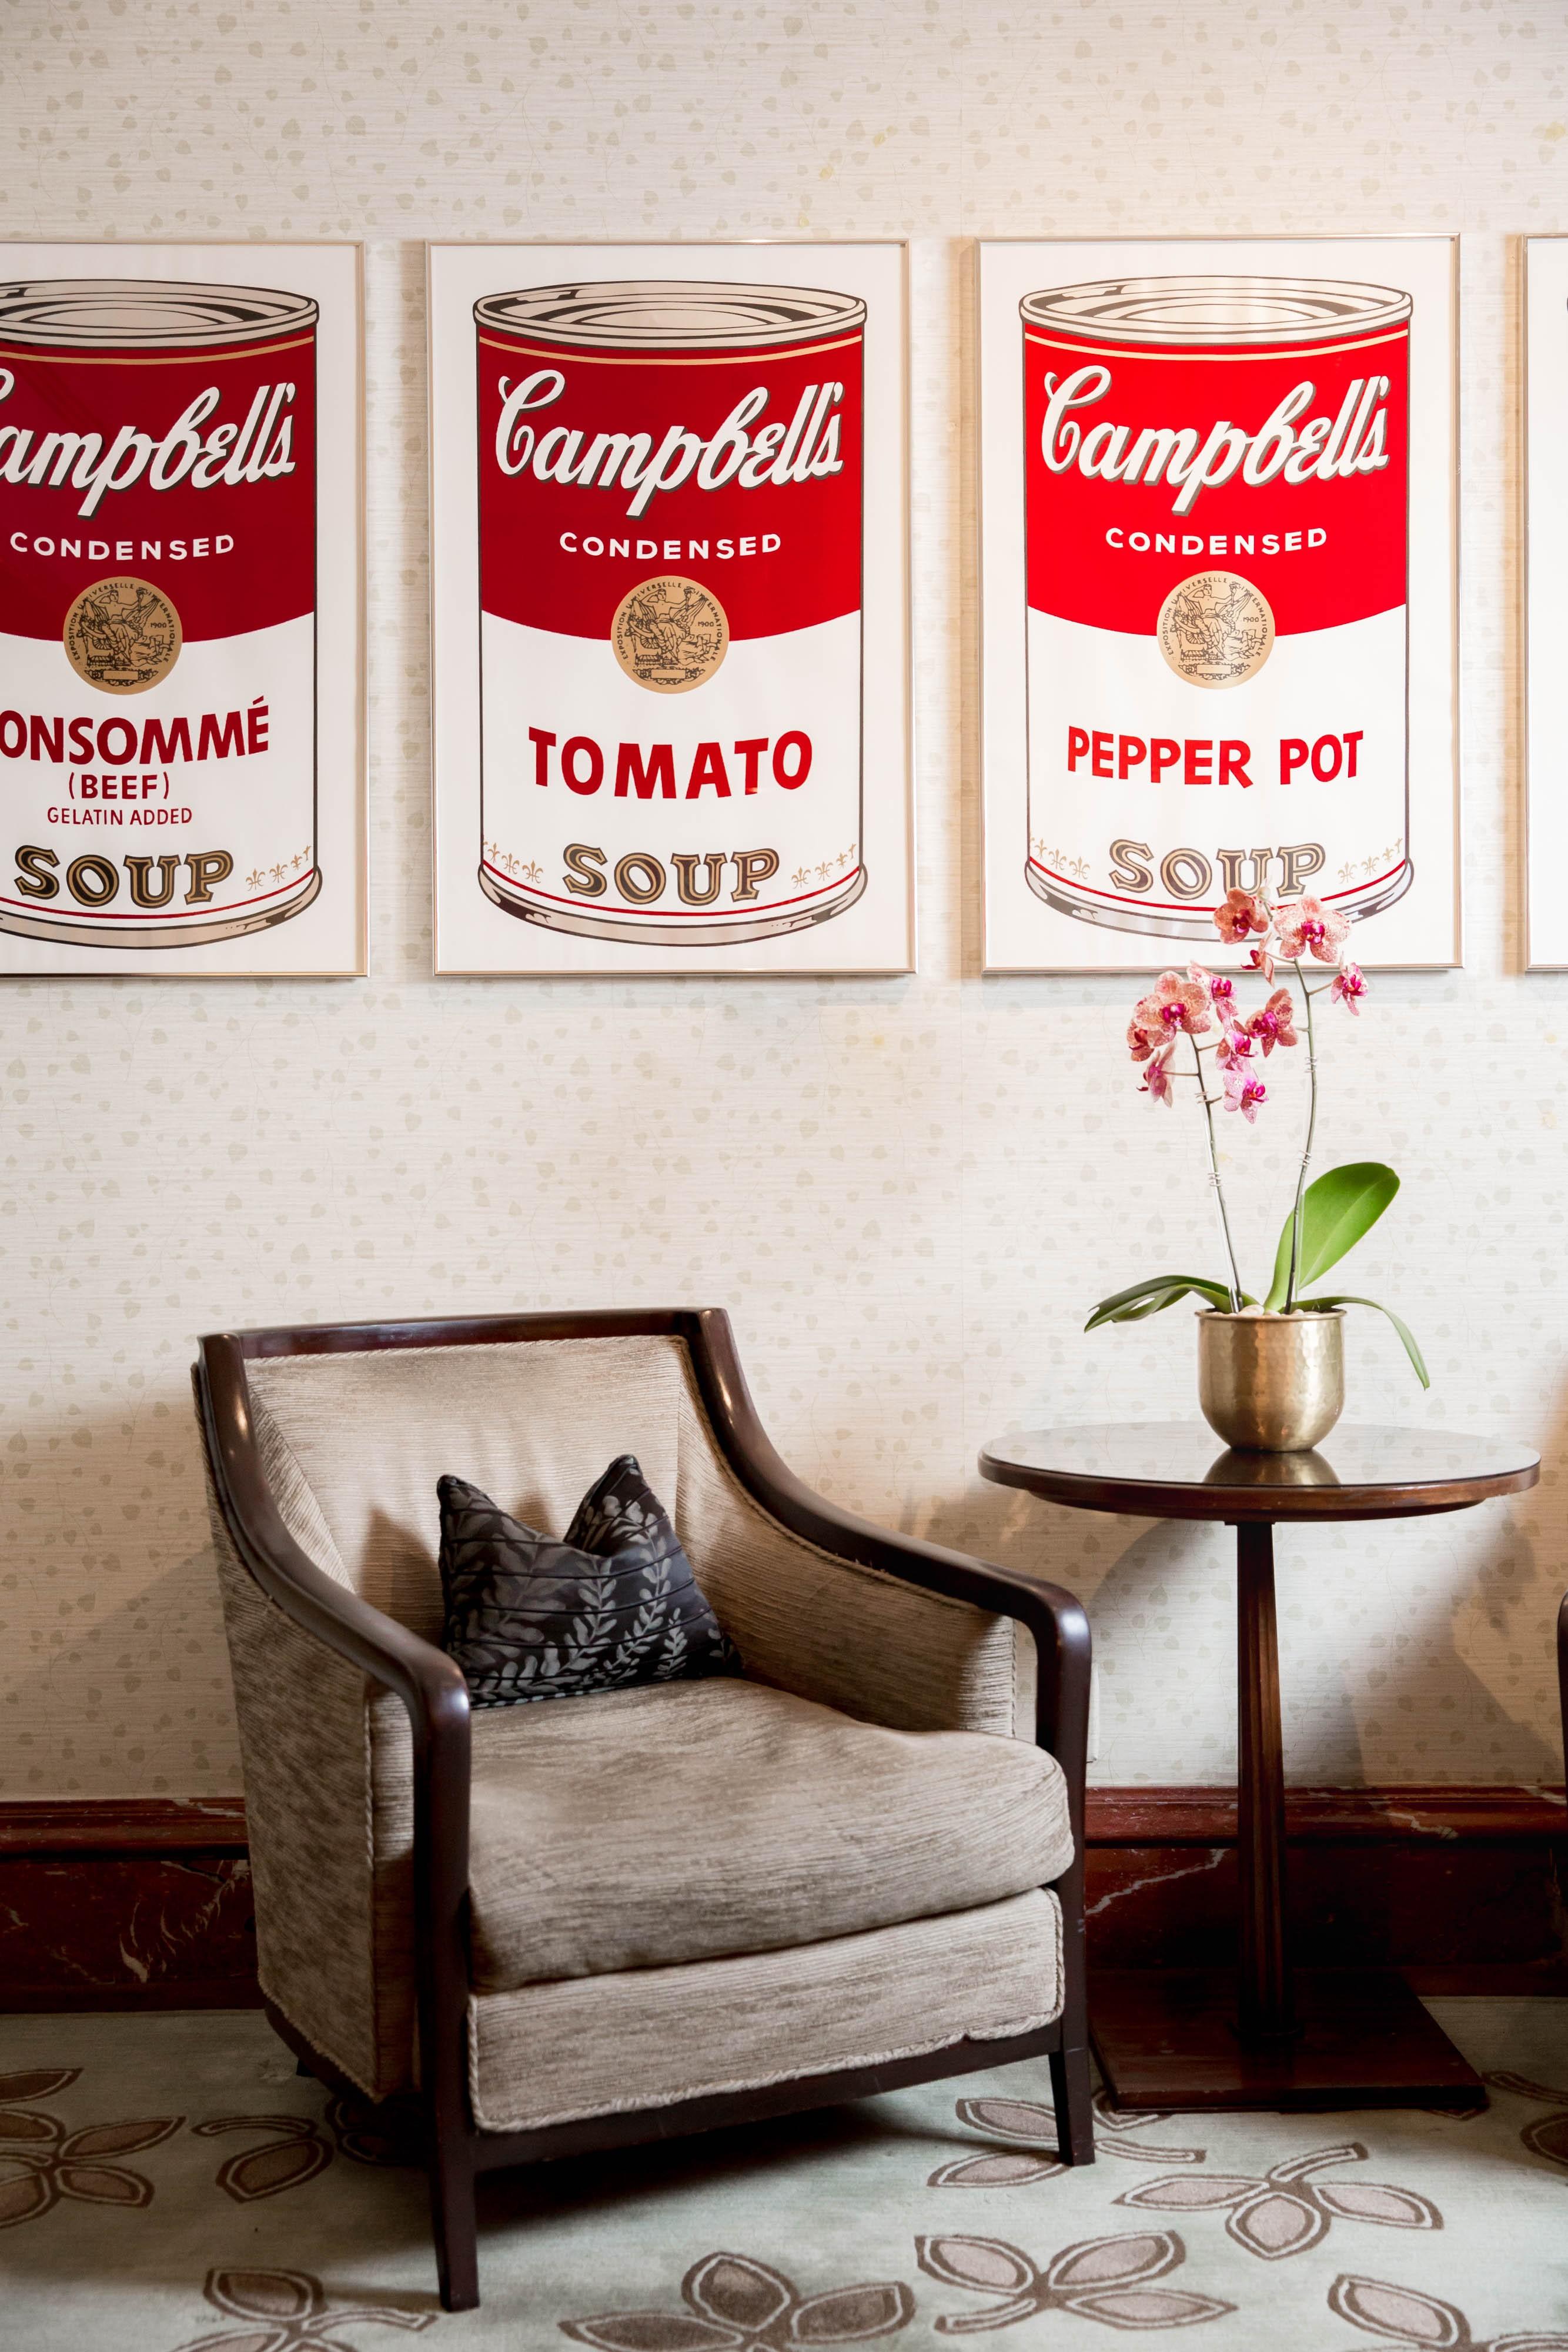 Serigrafia de lata da sopa Cambell, de Andy Warhol (Foto: Divulgação)